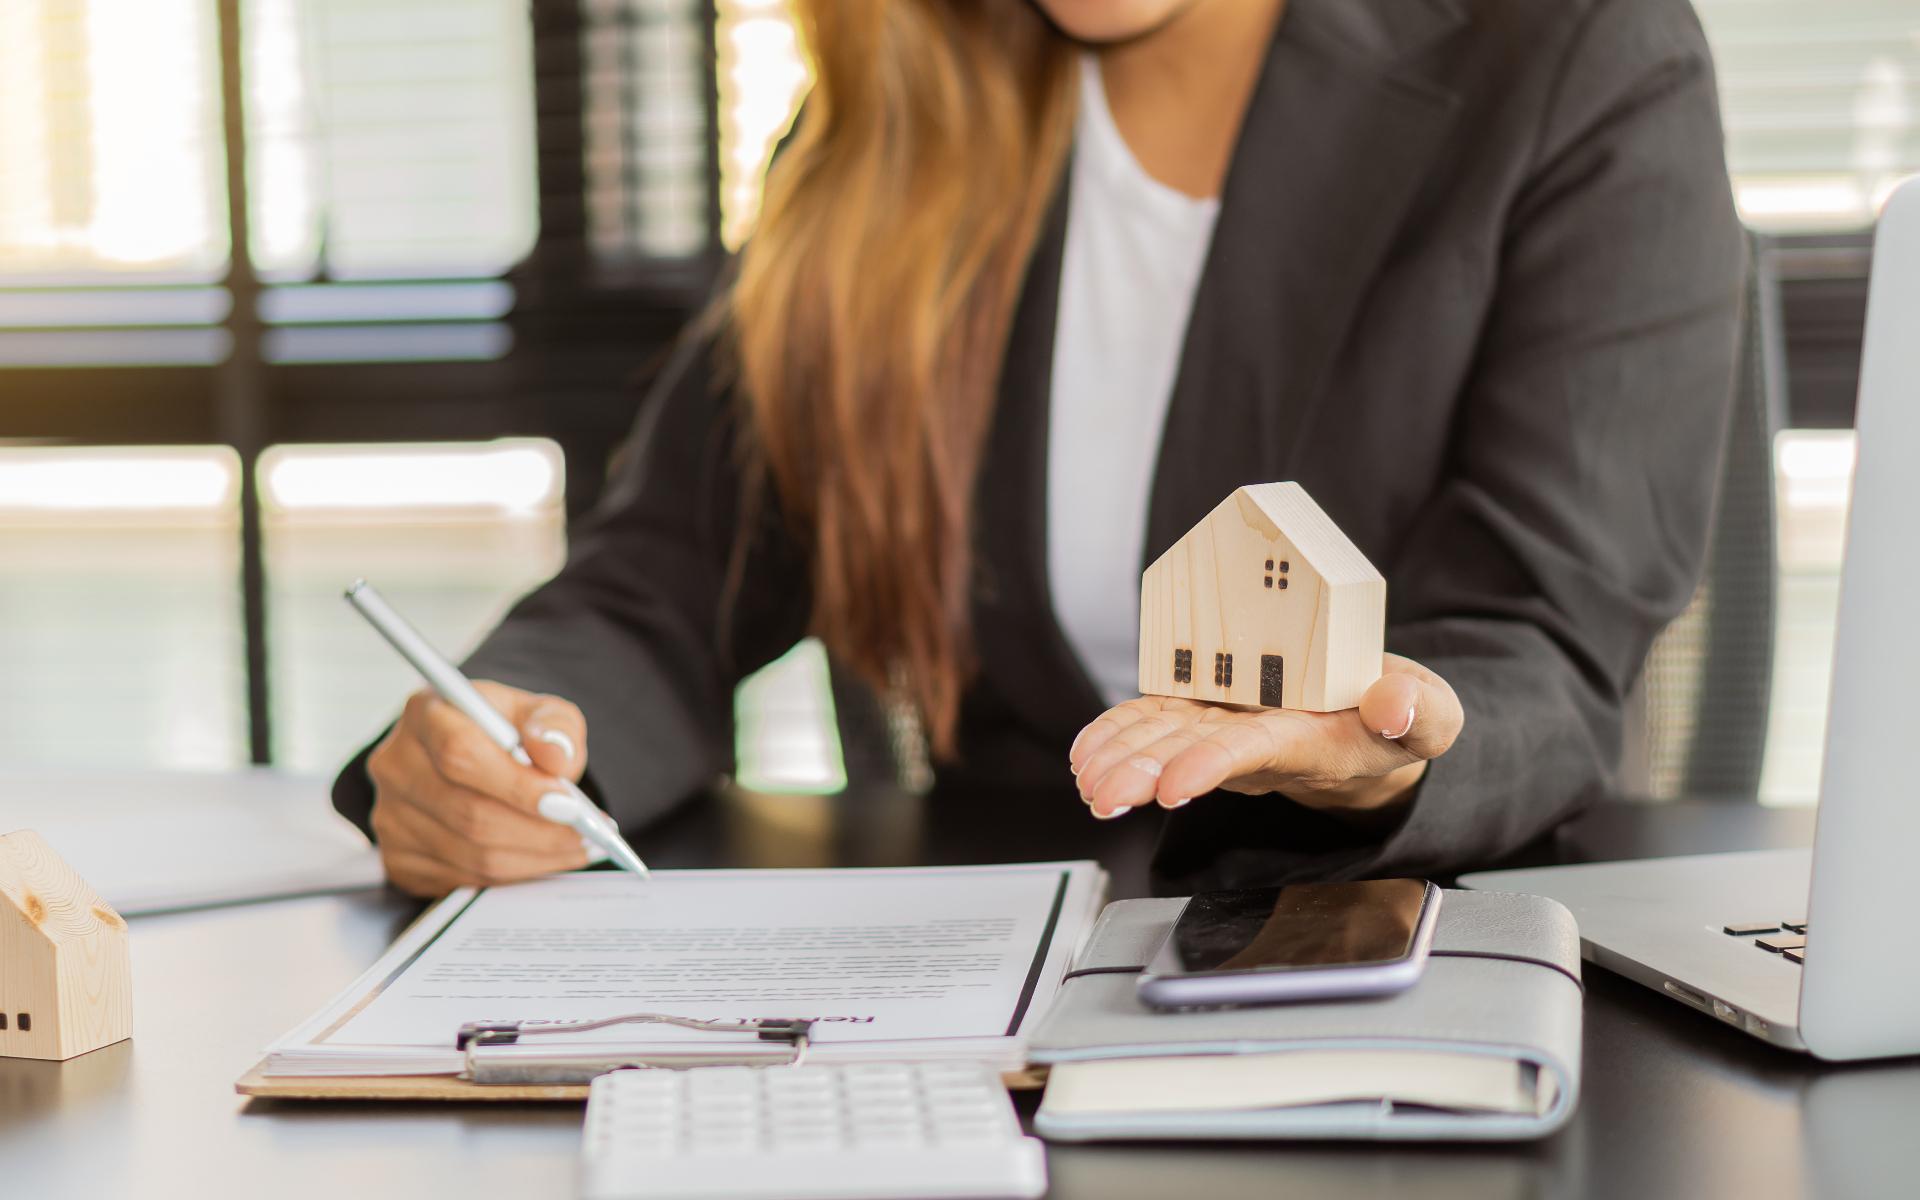 Покупатель должен убедиться, что продавец квартиры является ее законным собственником и что все документы в порядке